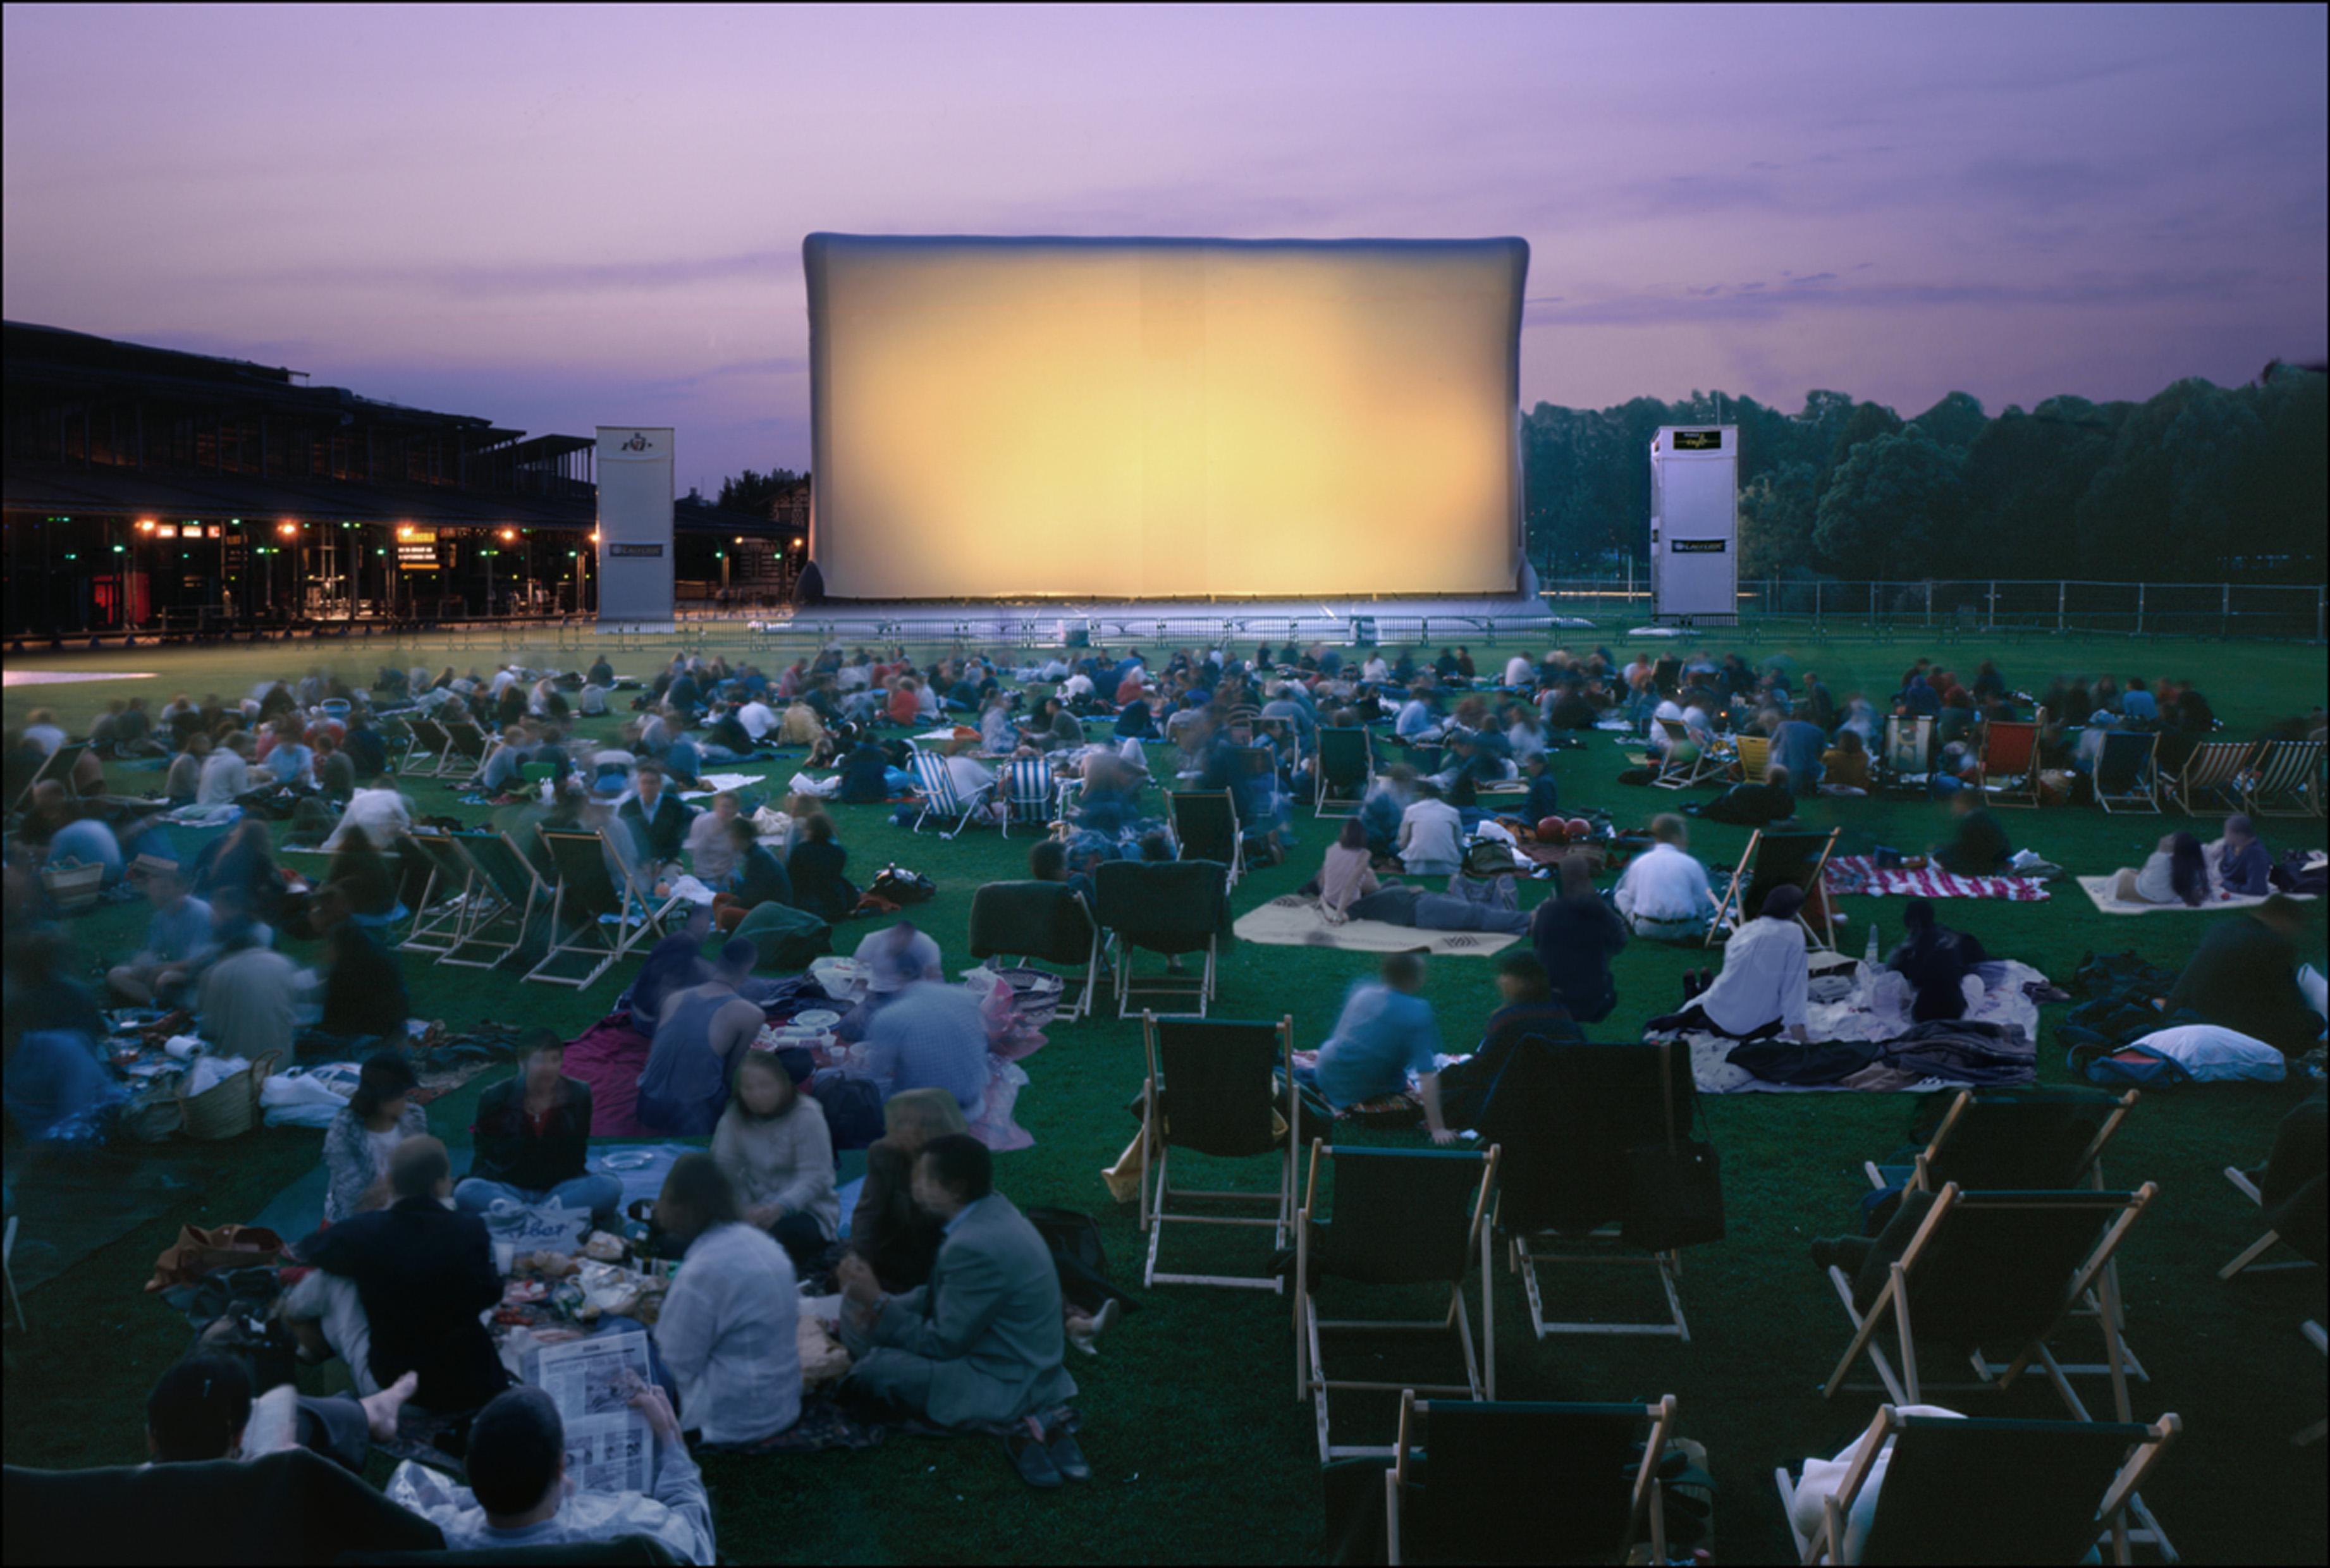 Tournée de cinéma en plein air